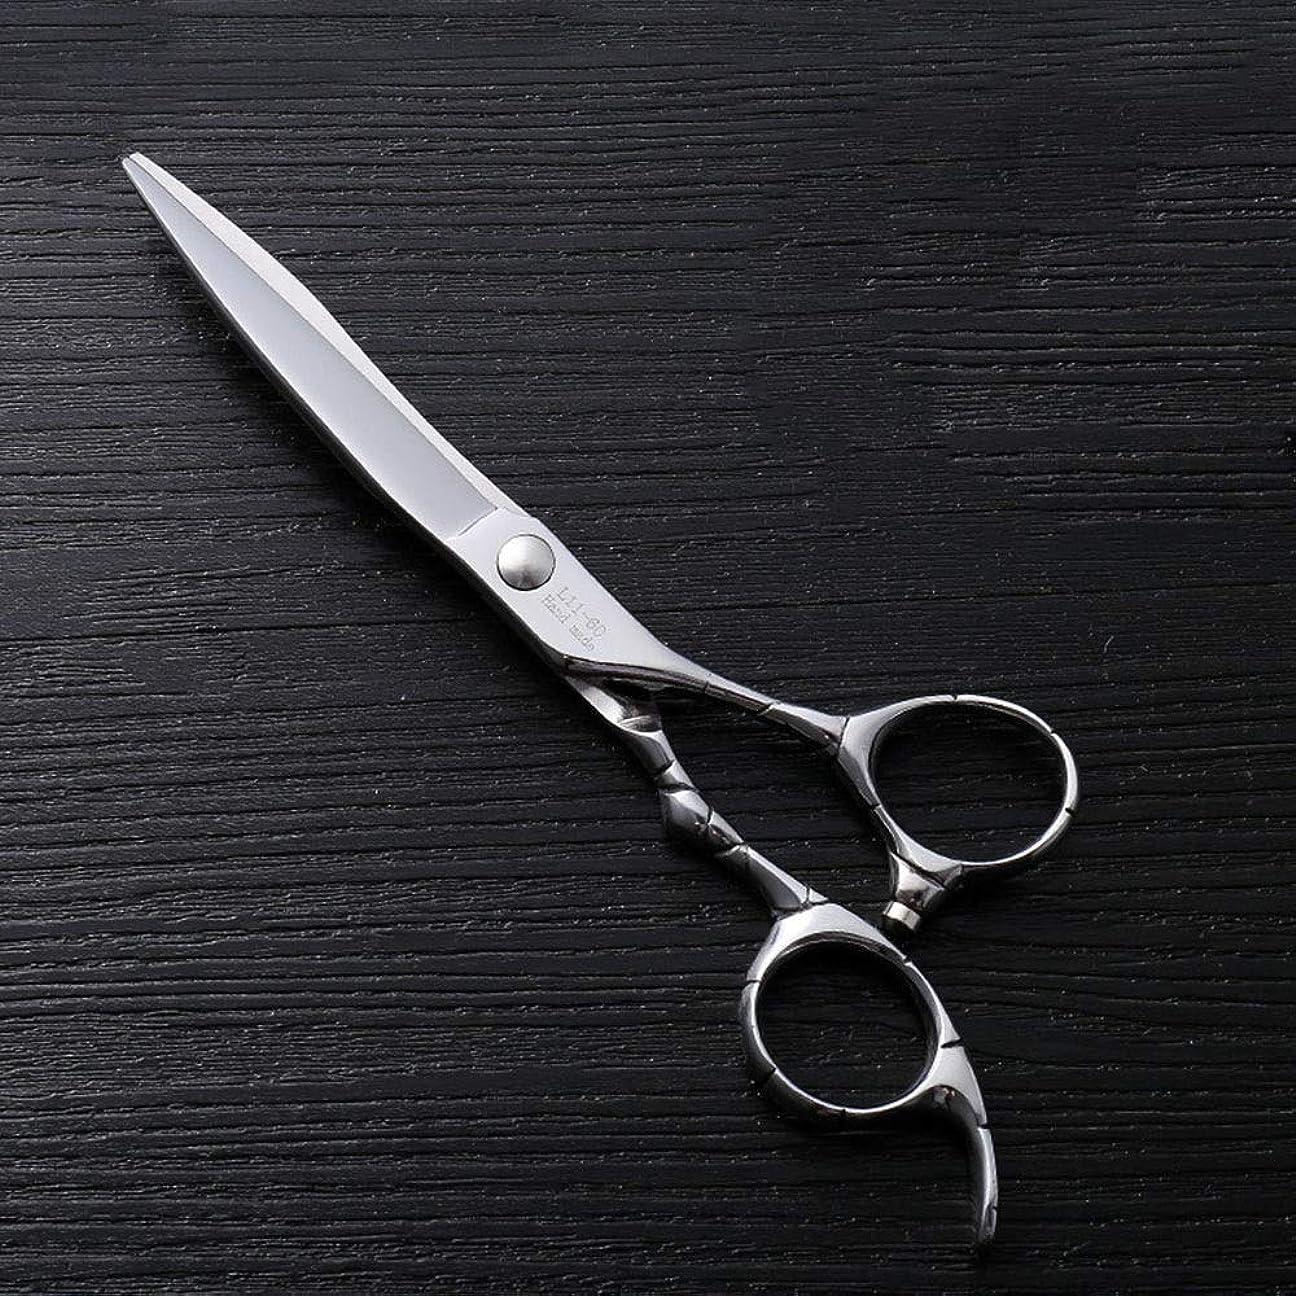 許さない振る舞い赤道6インチファイントリムプロフェッショナルフラットシアハイエンドステンレスフラット理髪はさみ ヘアケア (色 : Silver)